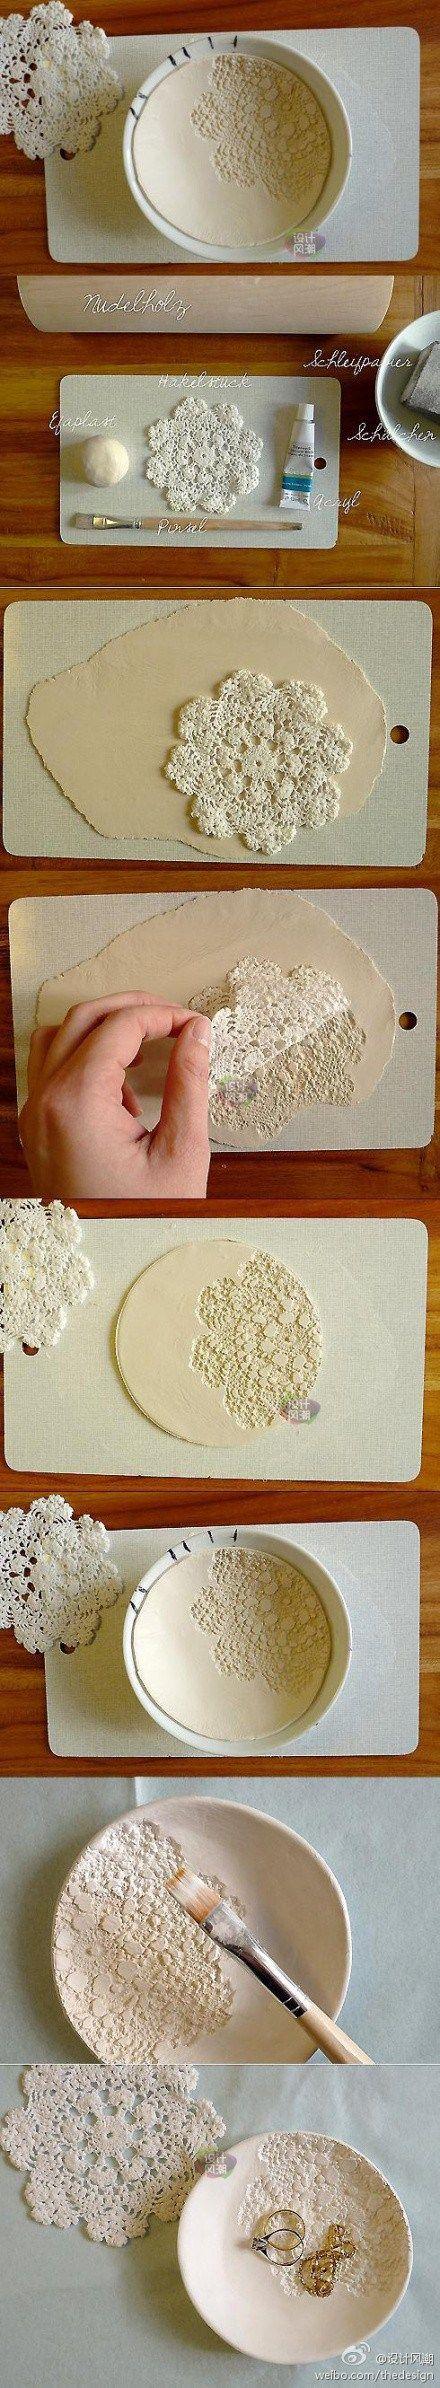 DIY-Vintage-Lace-Bowl using salt dough